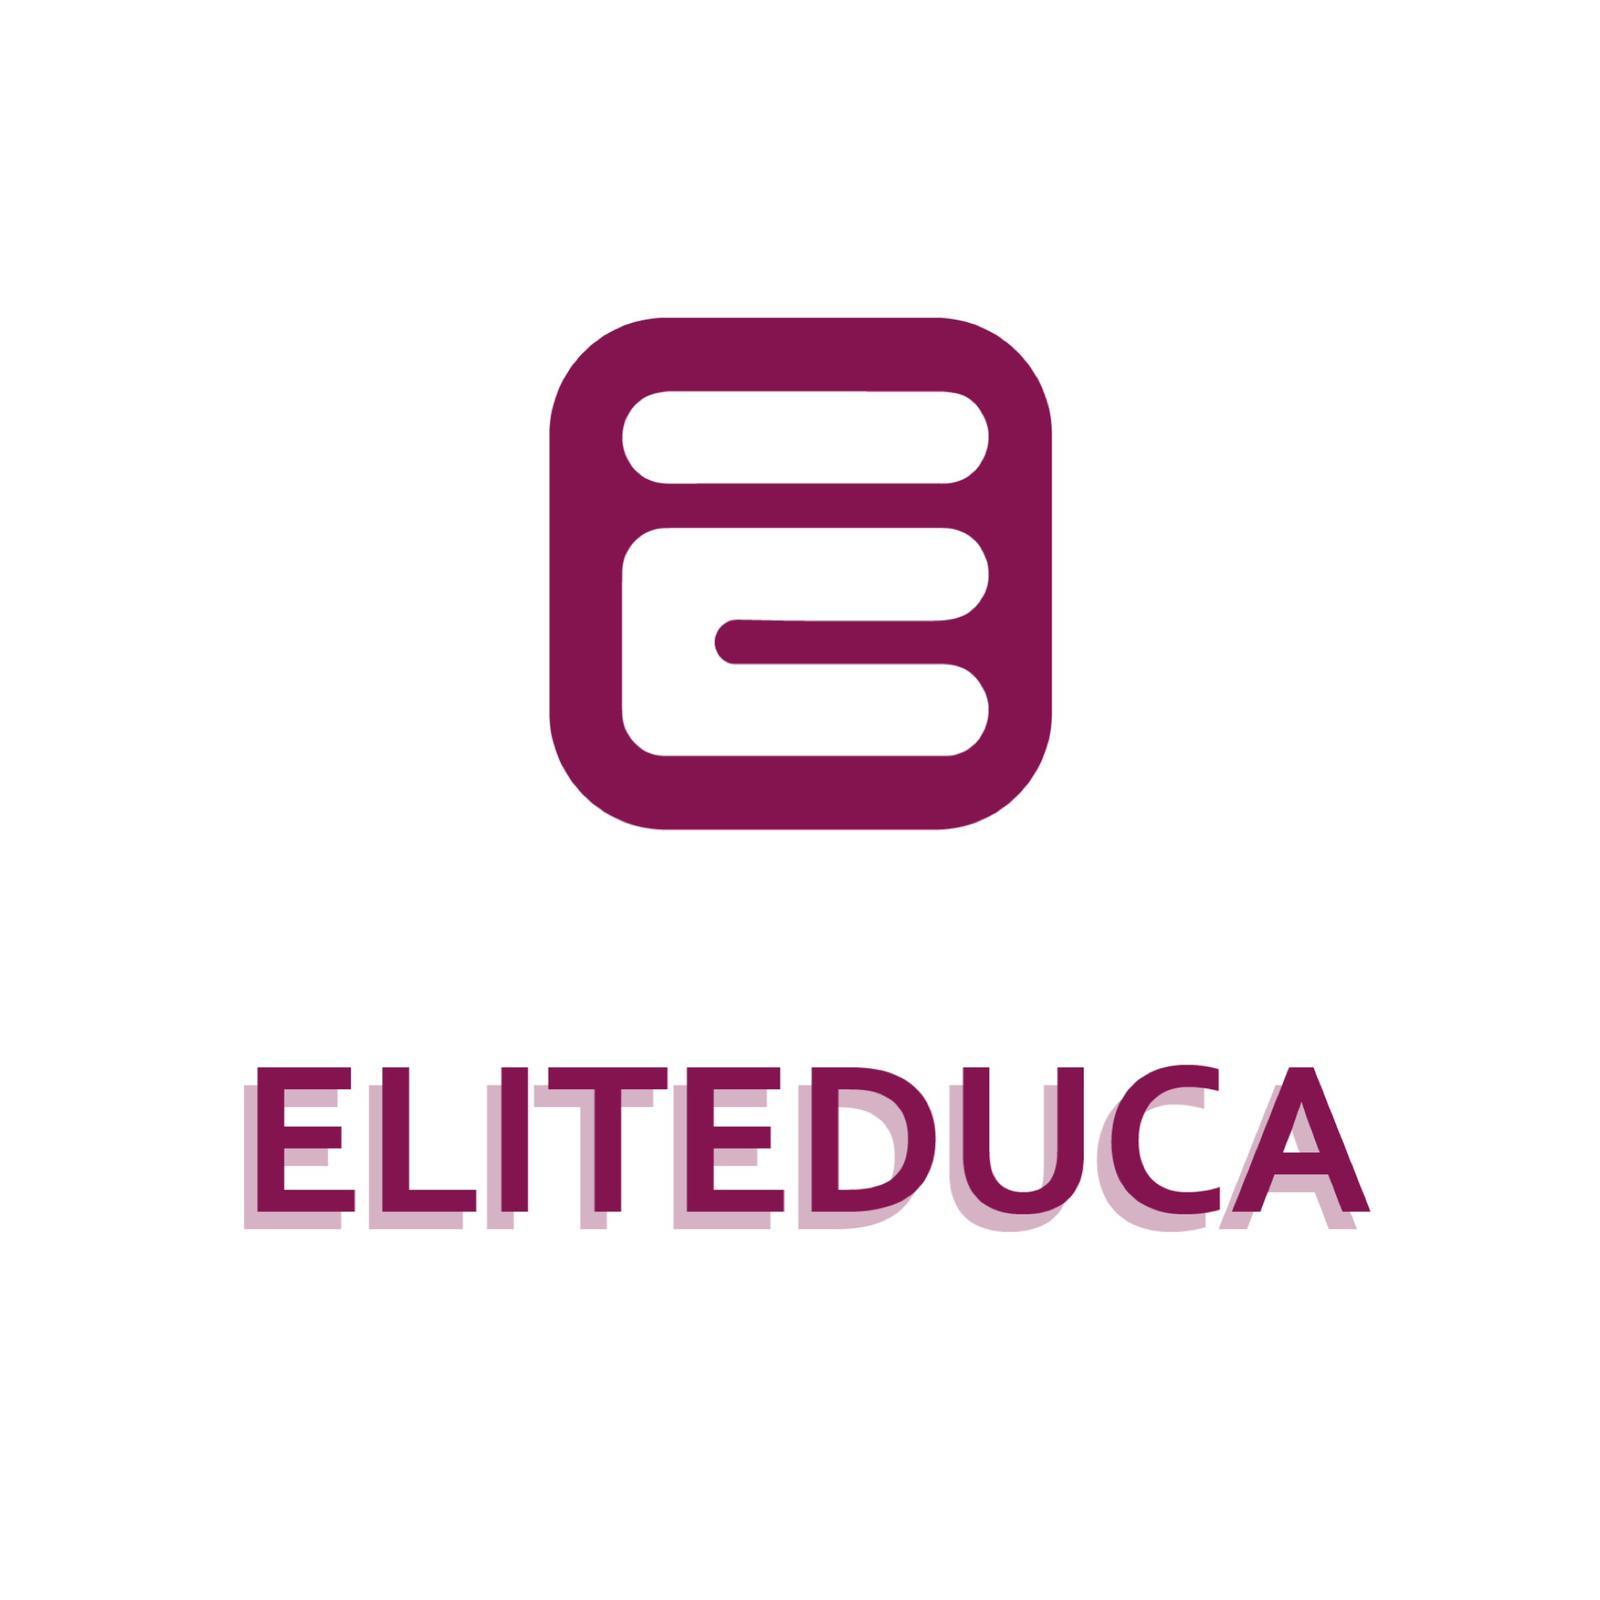 Eliteduca